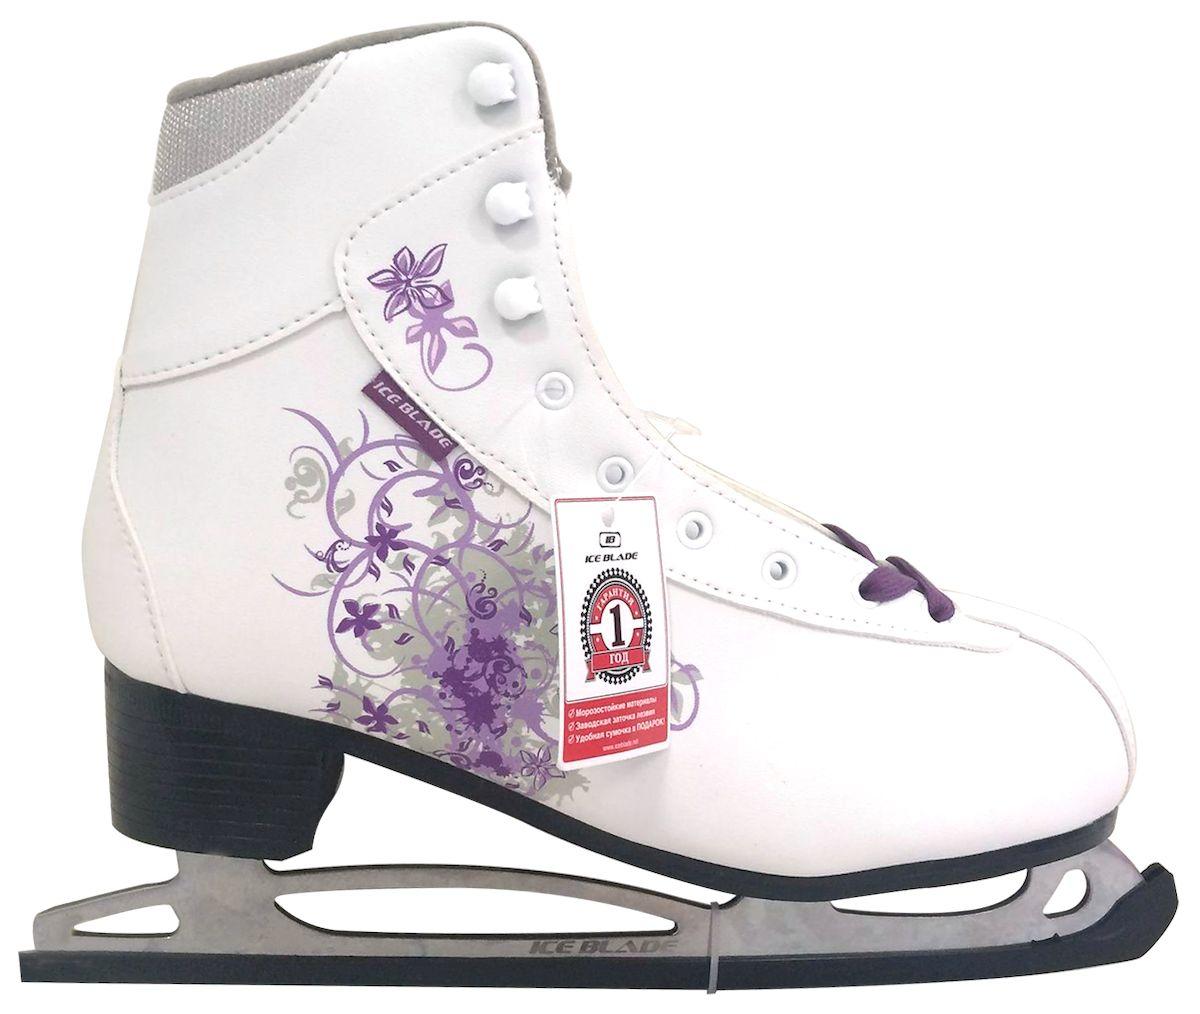 Коньки фигурные Ice Blade Sochi, цвет: белый, фиолетовый. УТ-00004988. Размер 41